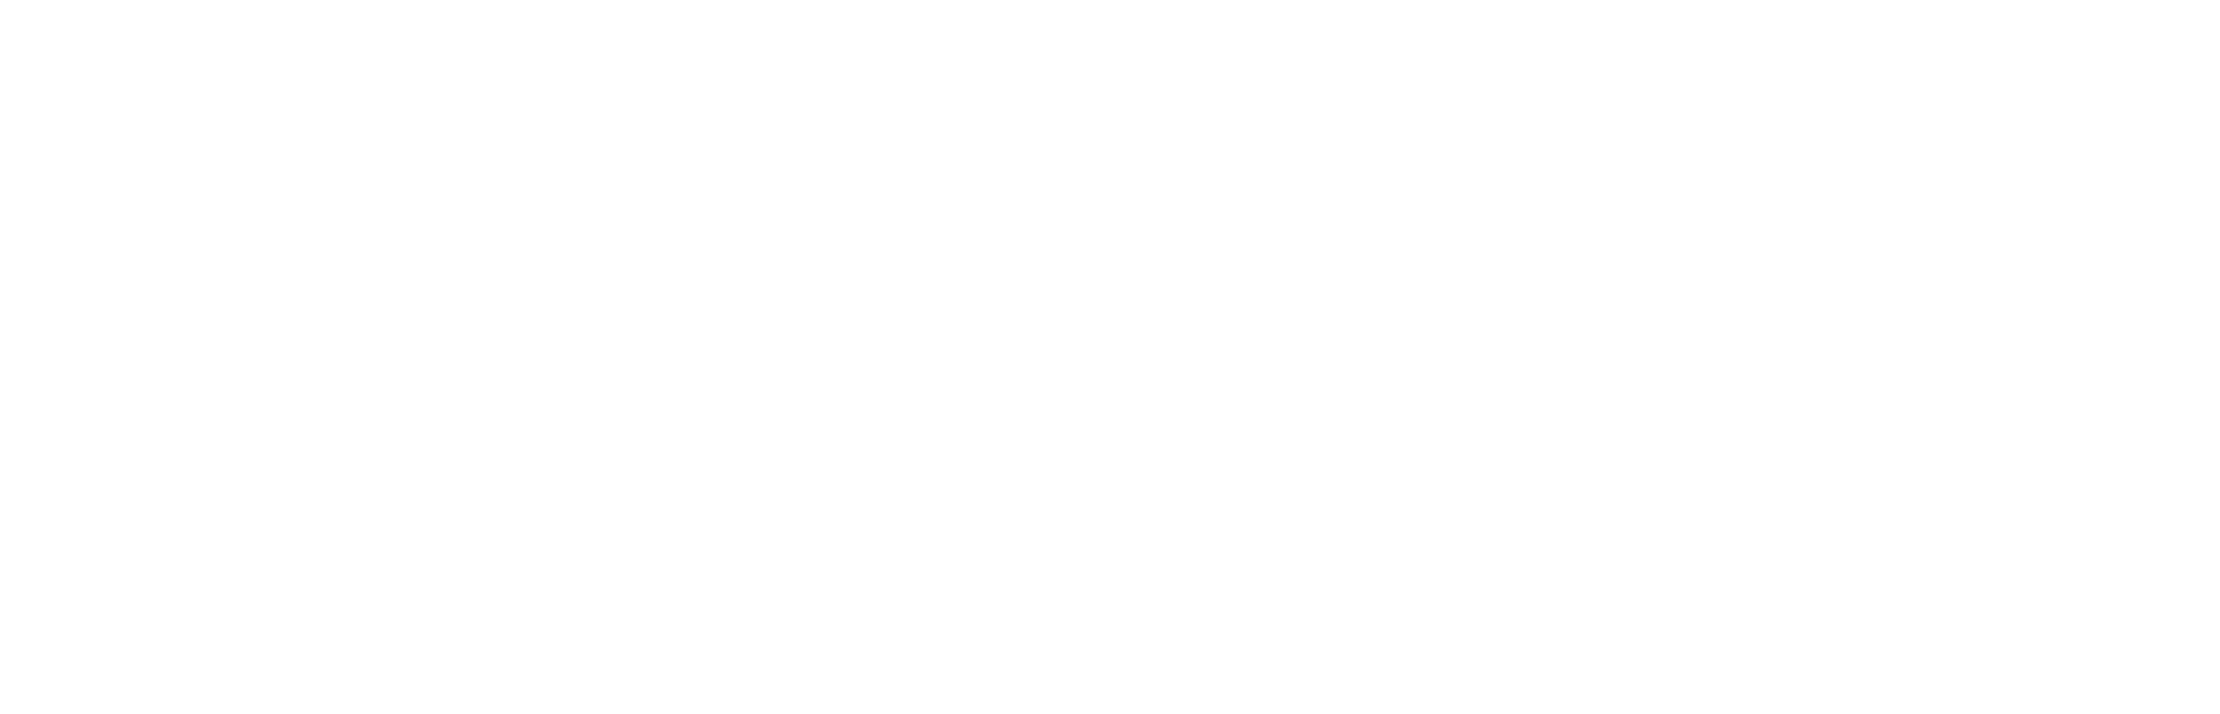 Bedankt voor de fijne relatie met Gräper Automotive